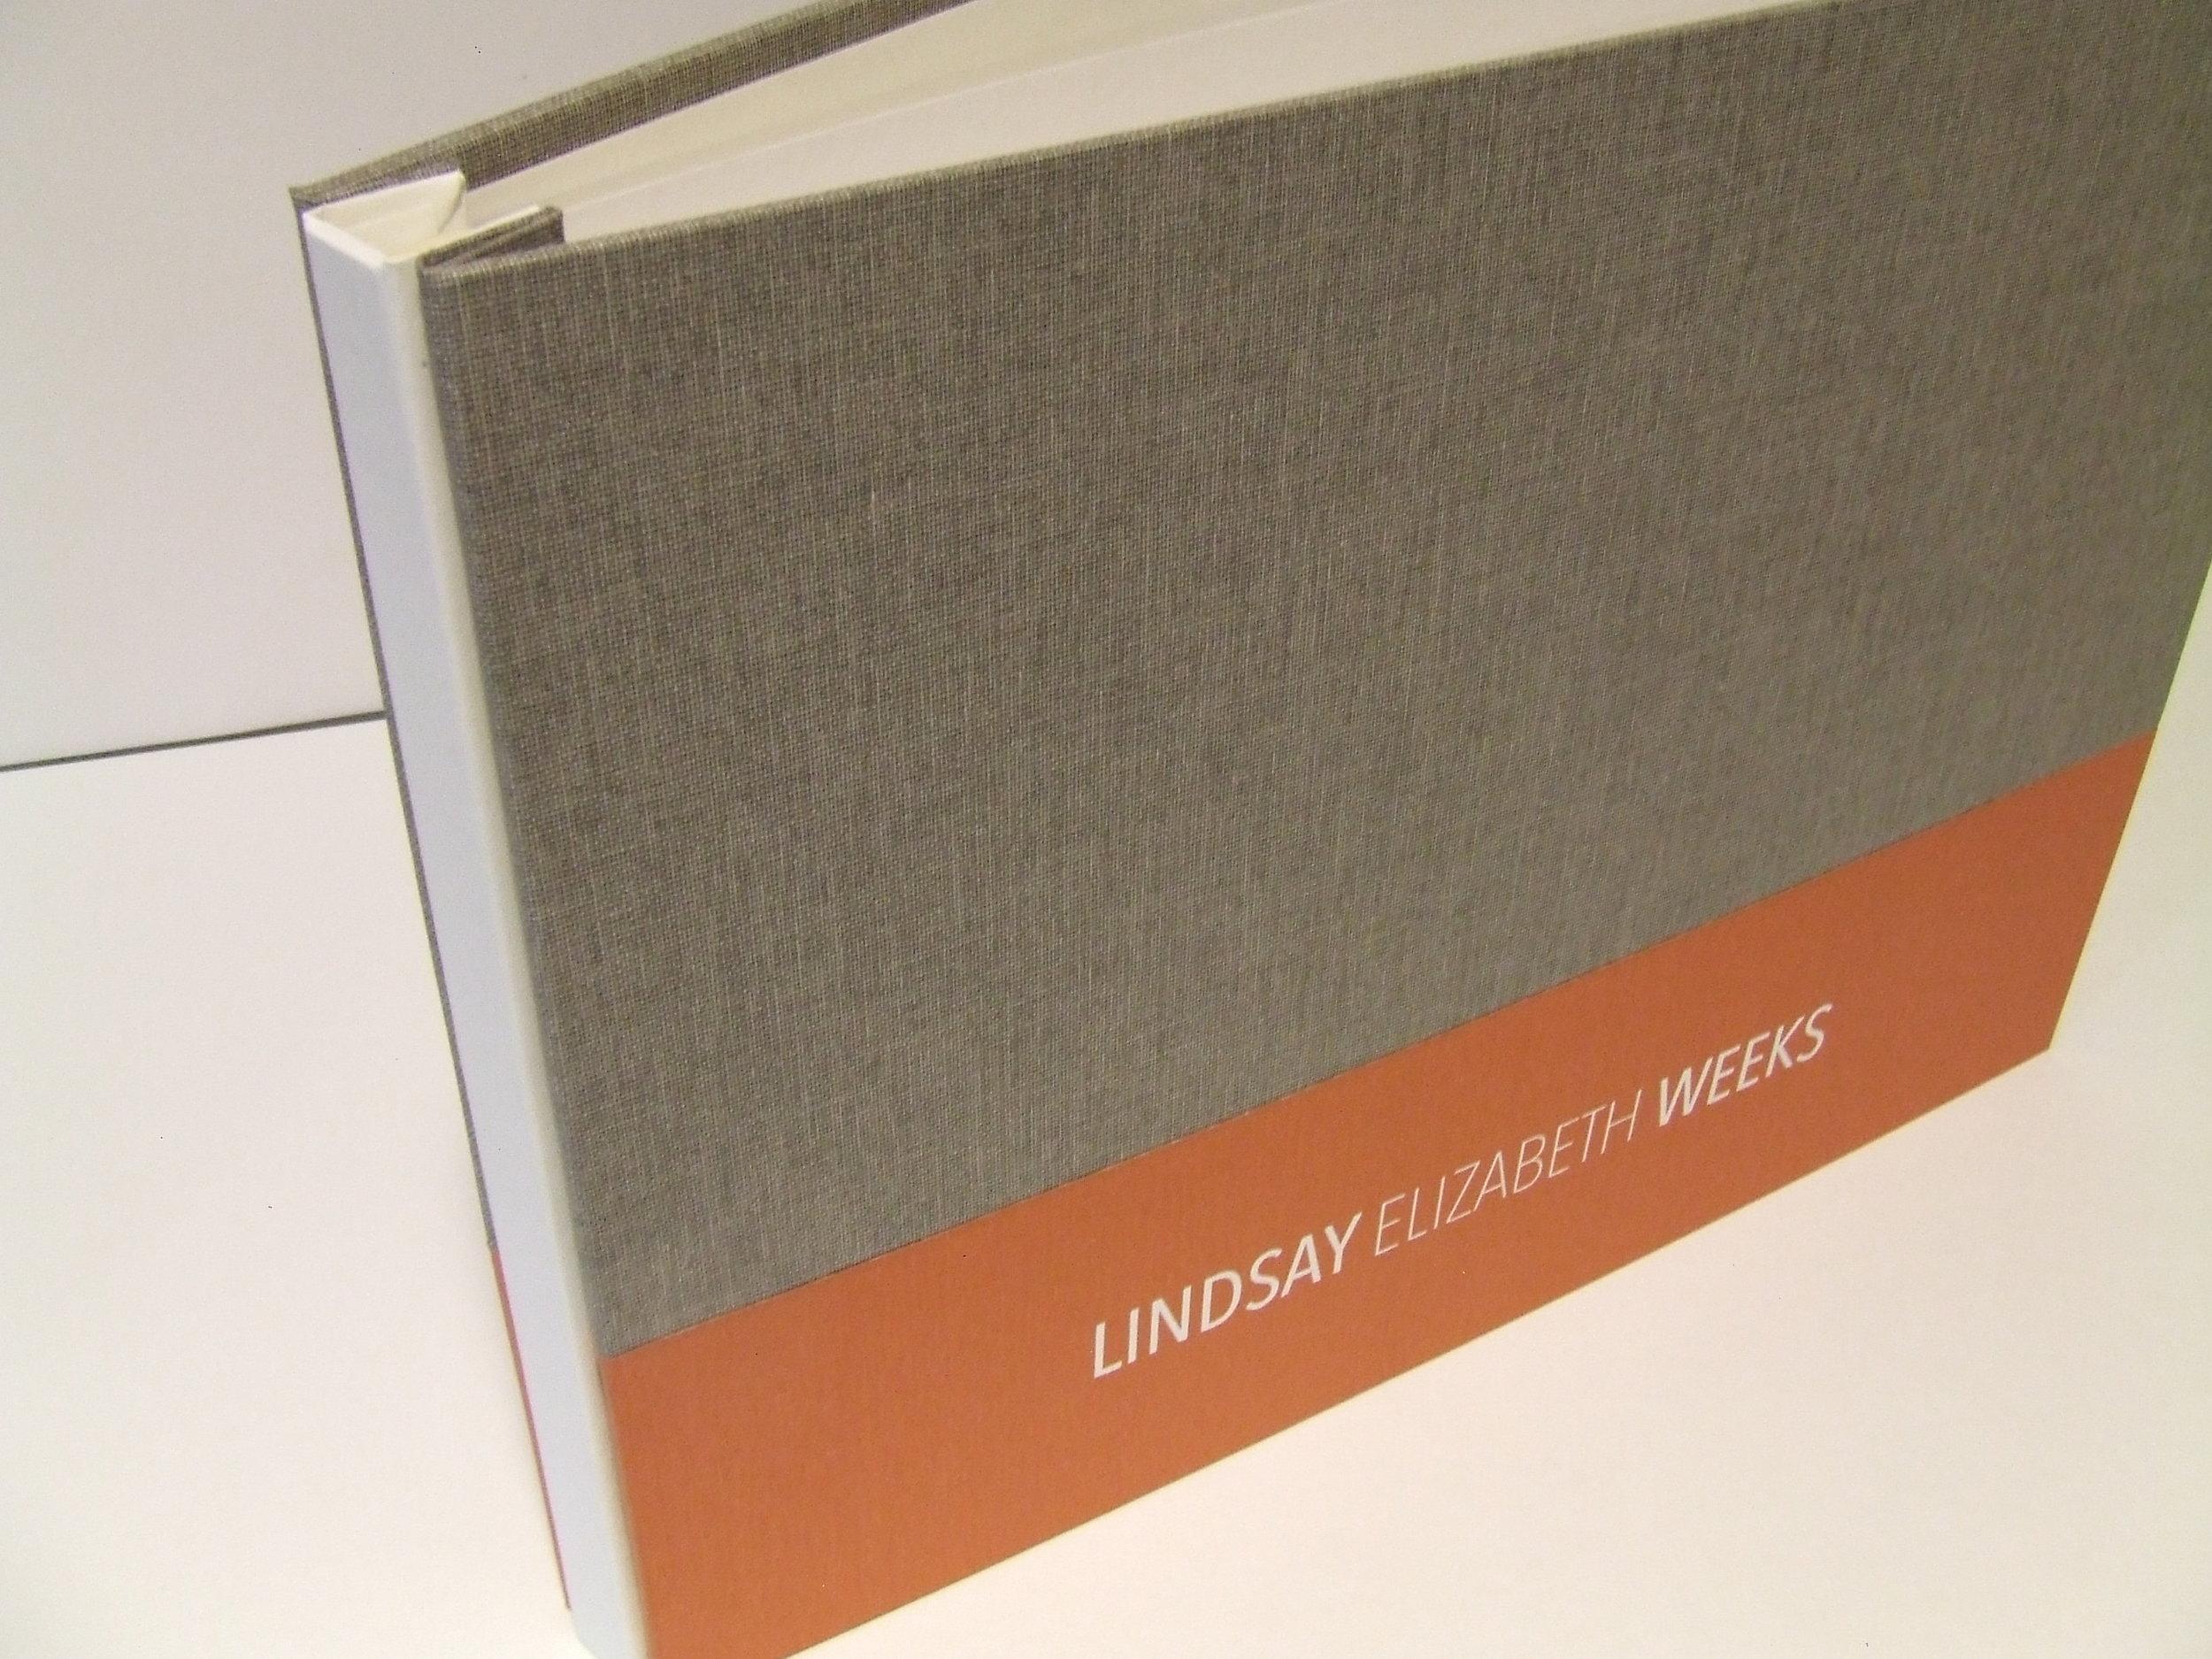 lindsay-weeks-02.jpg